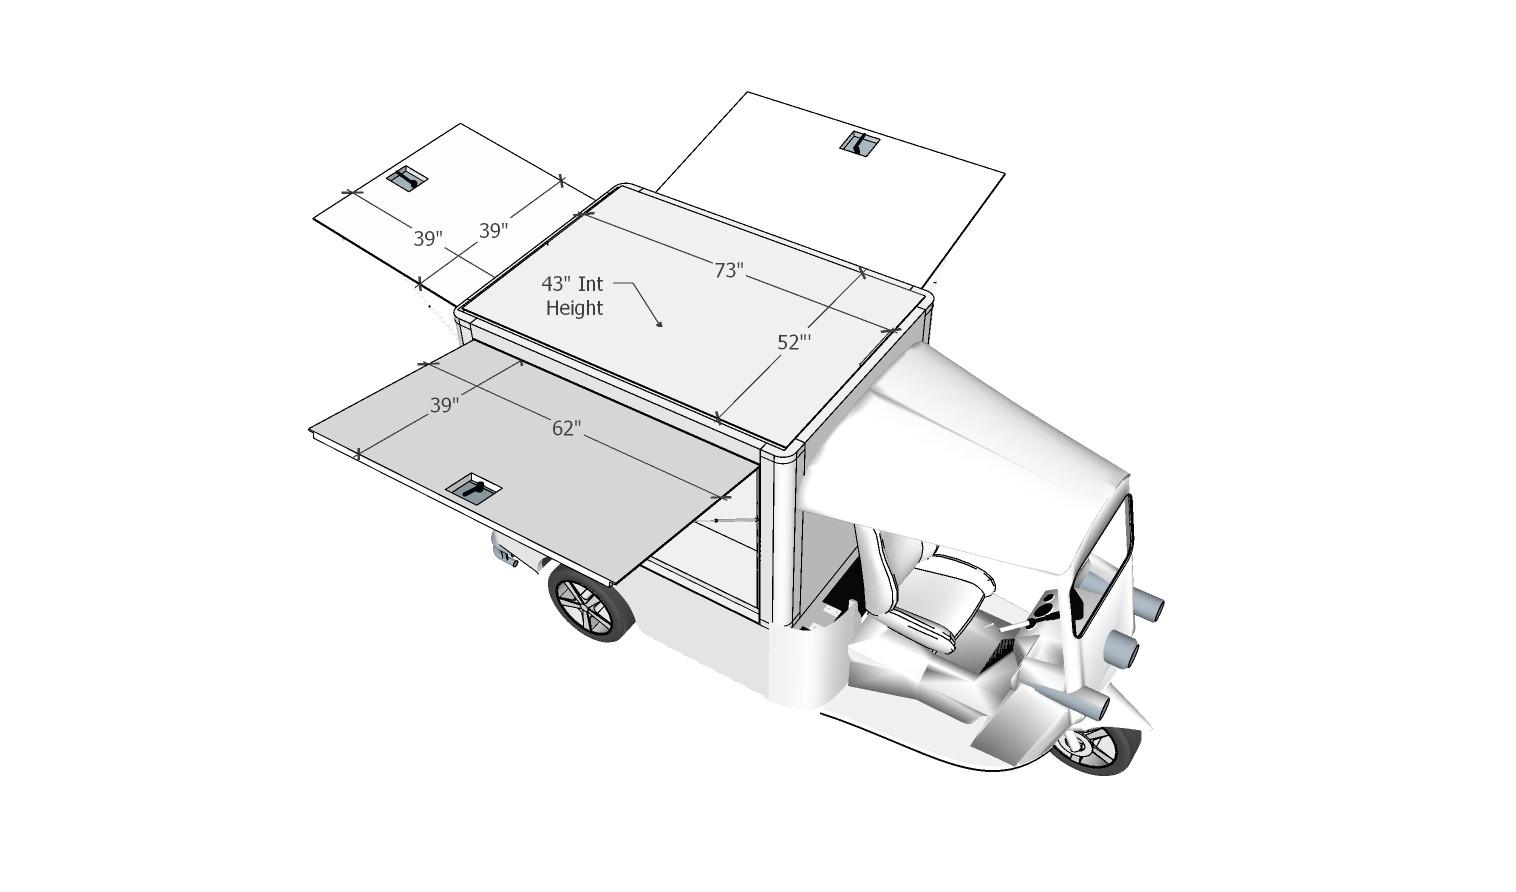 TukFab-VehicleDimensions-Vendor-Iso.jpg